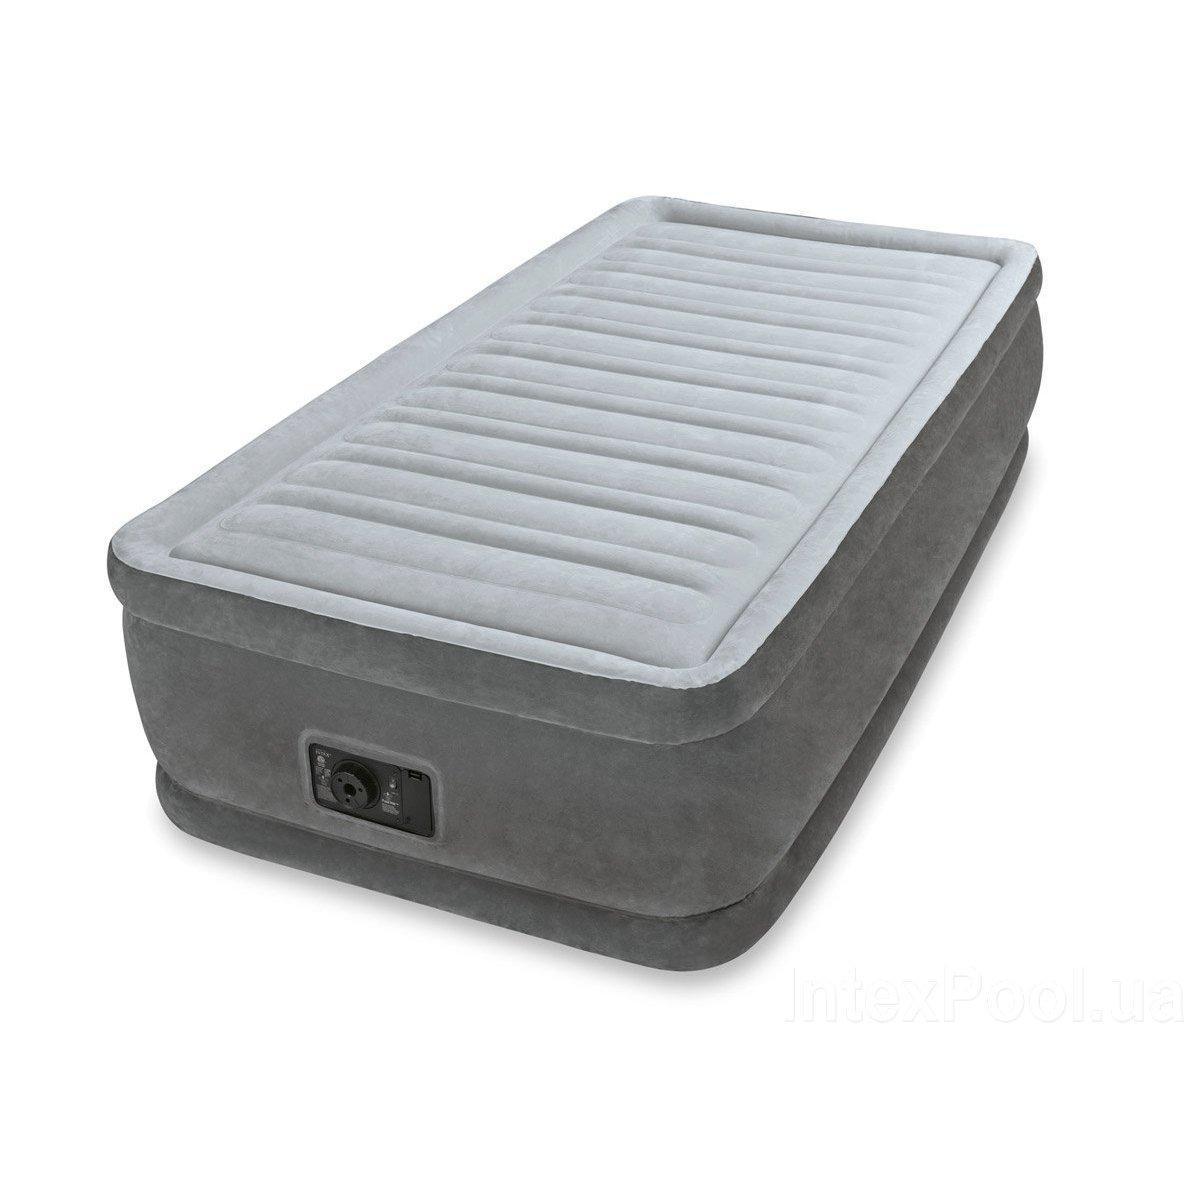 Надувная кровать односпальная со встроенным электронасосом Intex 64412, 99*191*46 см